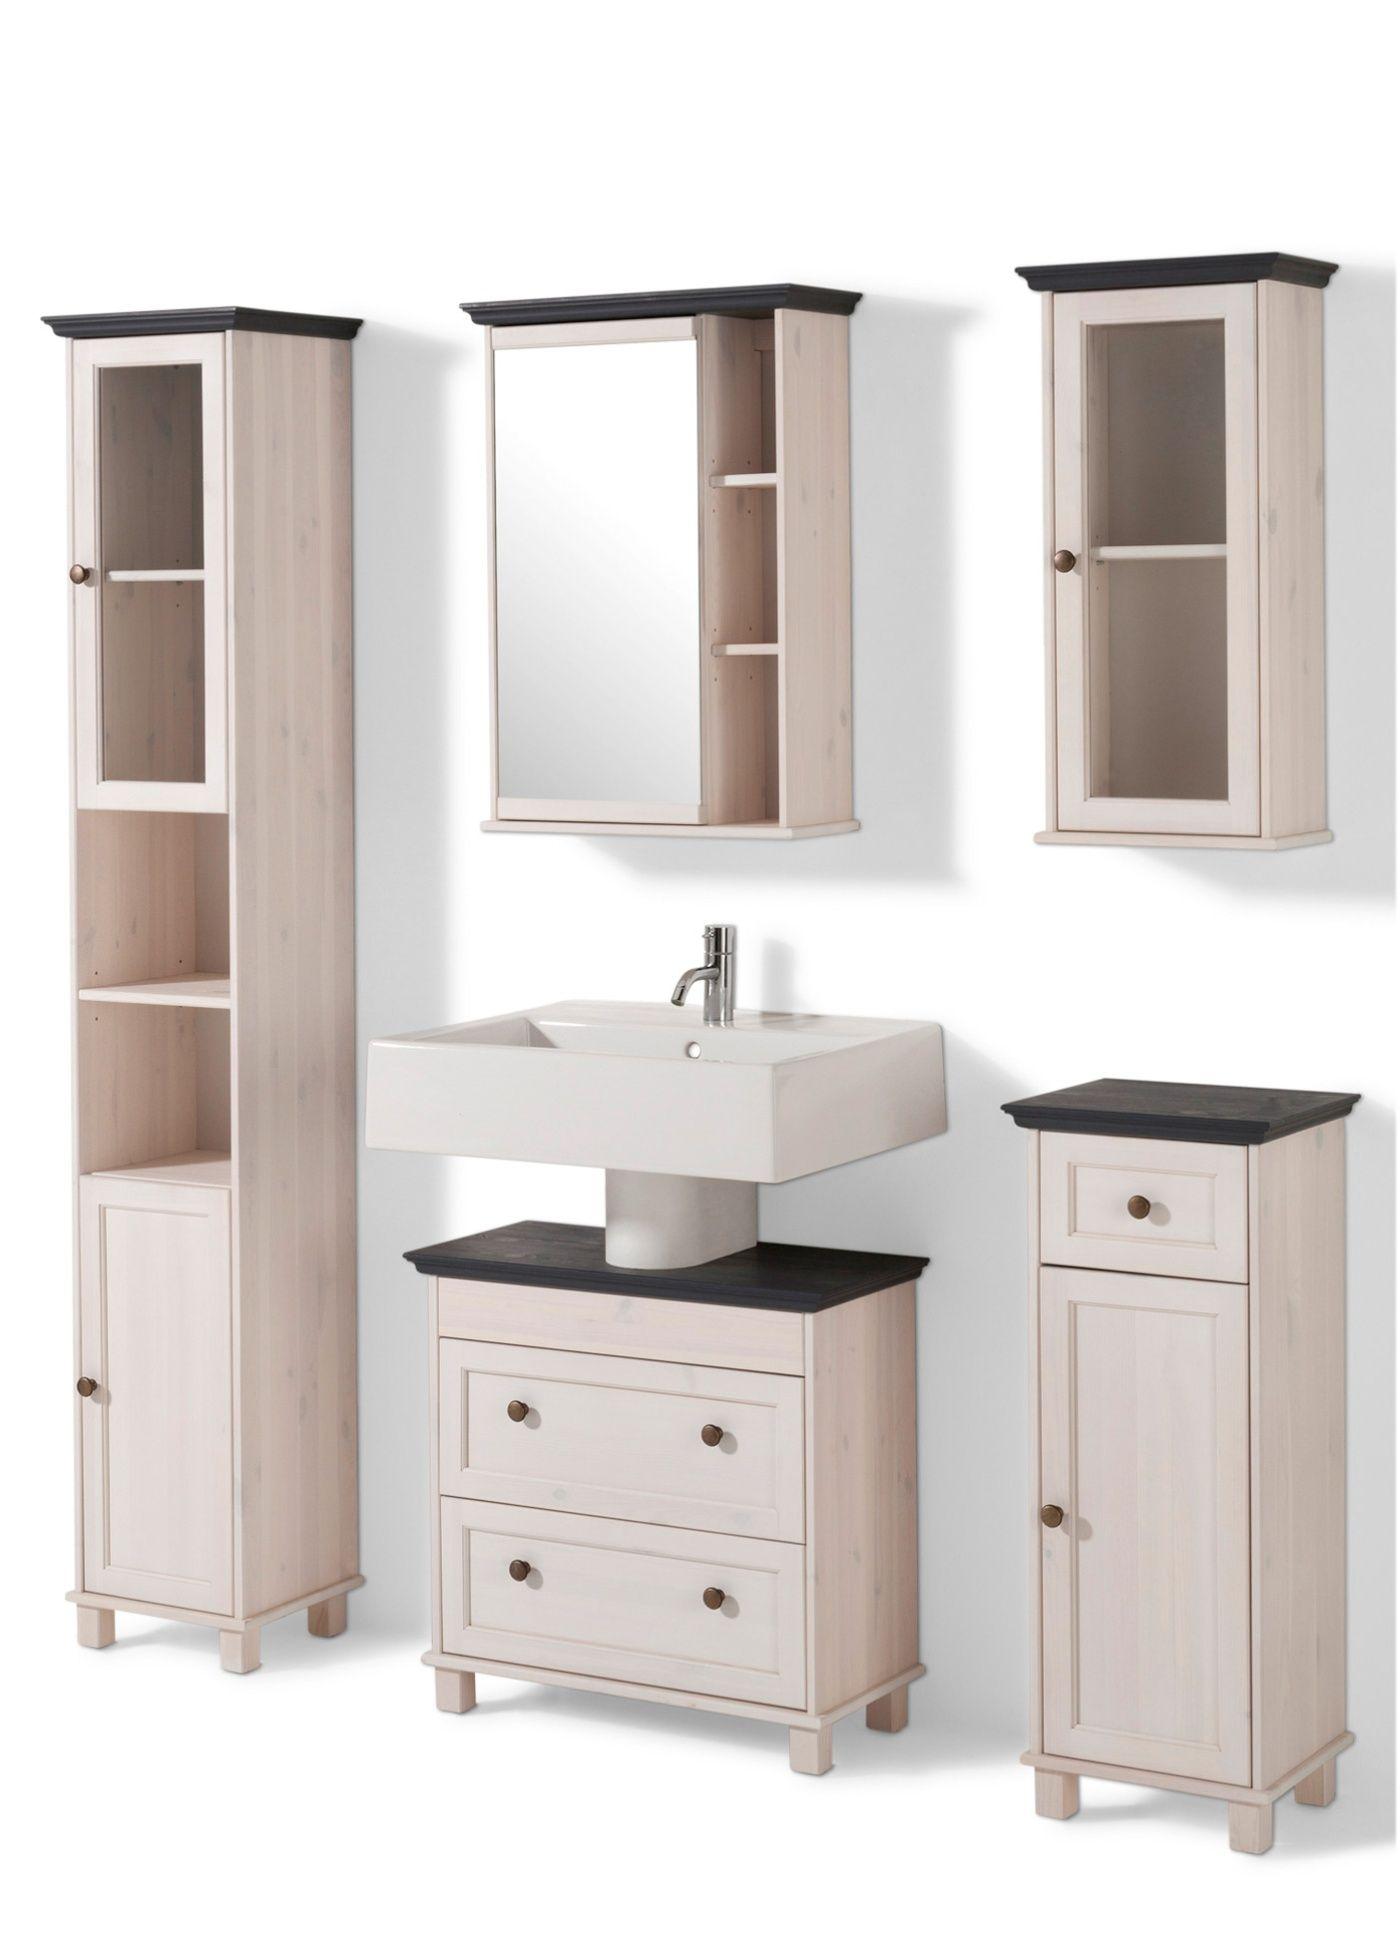 waschbeckenunterschrank elias wei anthrazit jetzt im online shop von ab 129 99. Black Bedroom Furniture Sets. Home Design Ideas